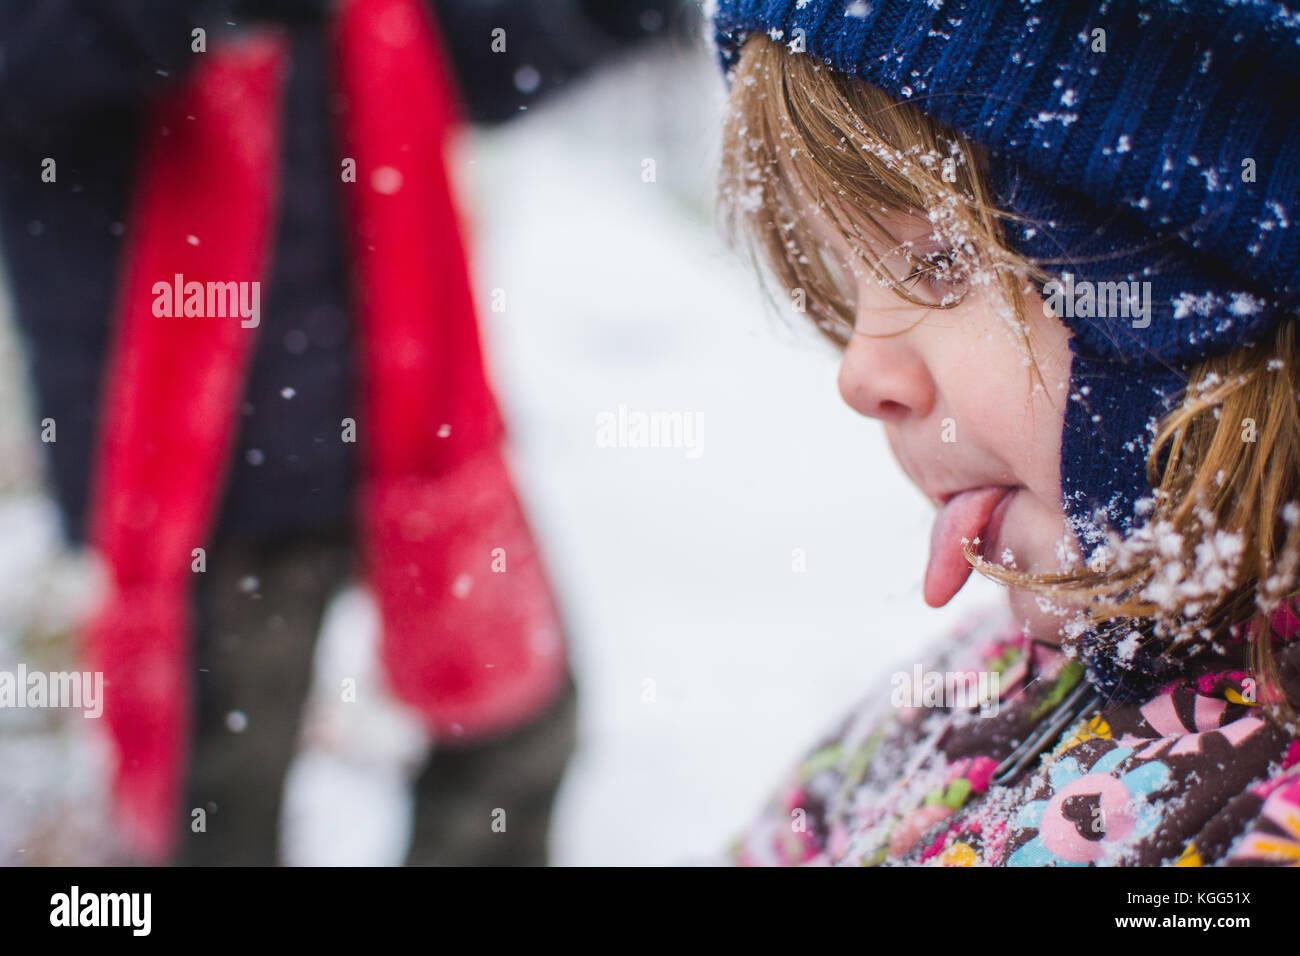 Un enfant se tient à l'extérieur portant des vêtements d'hiver avec de la neige autour d'elle. Banque D'Images